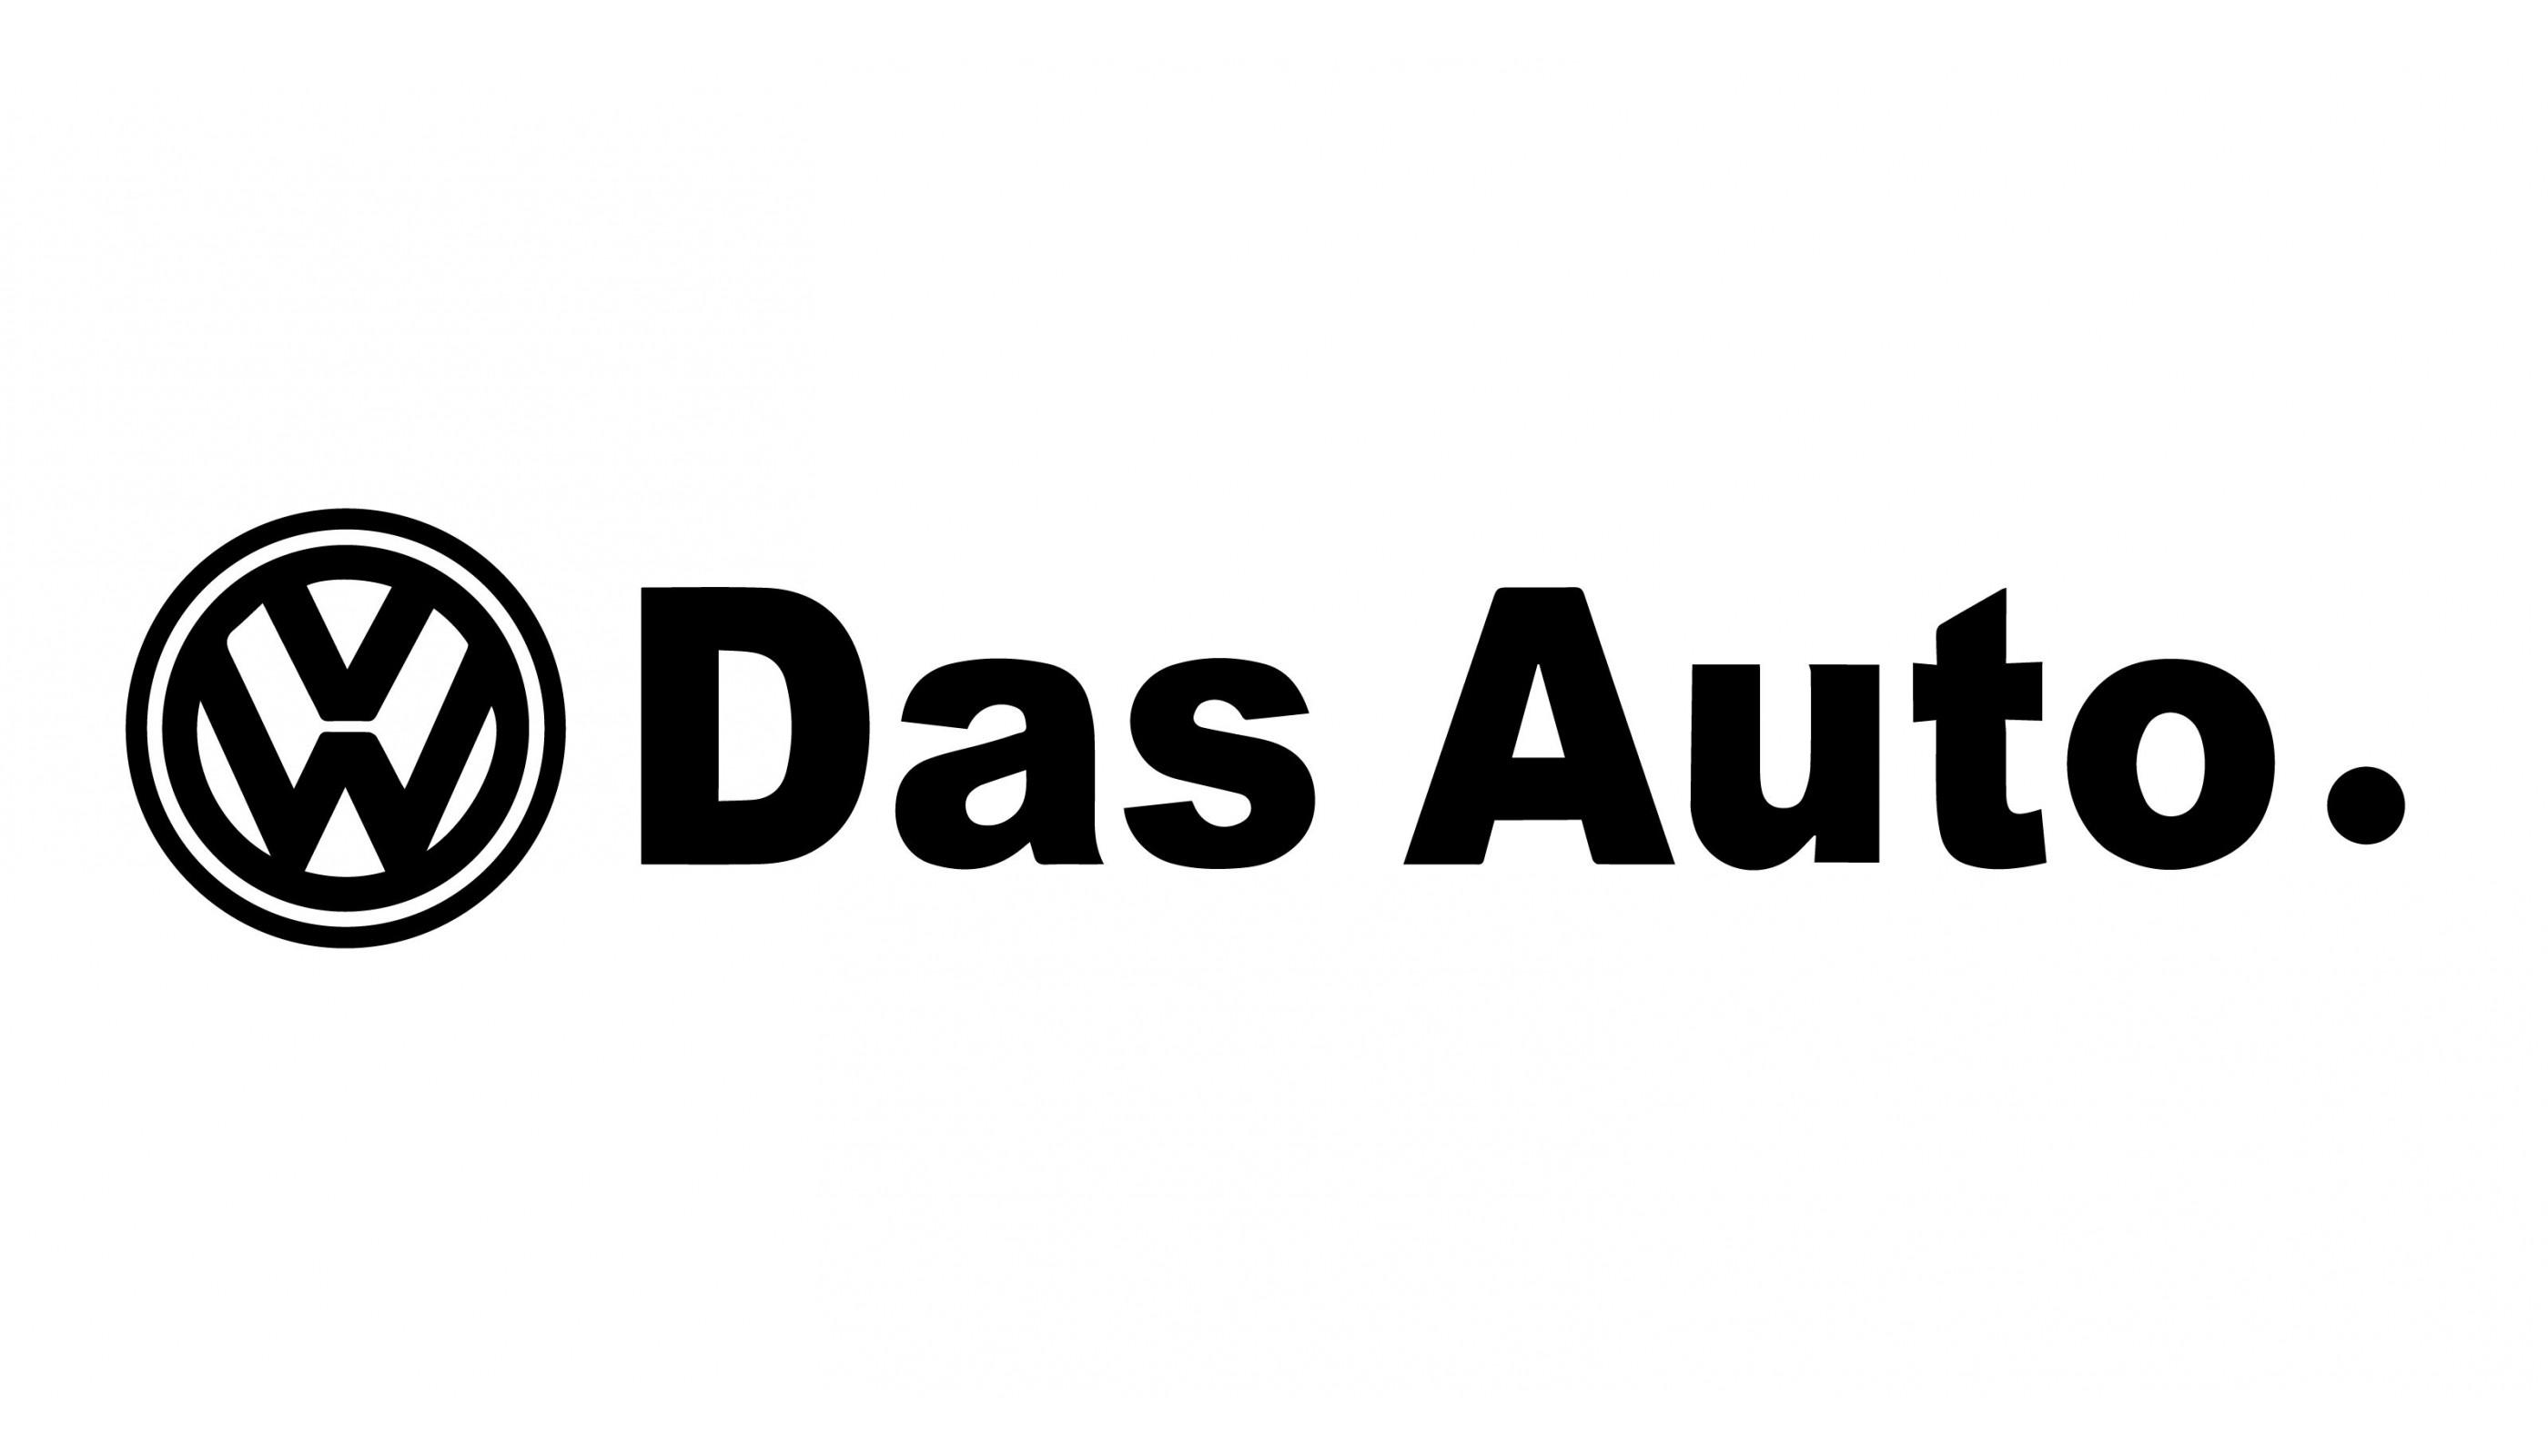 Volkswagen Das Auto Decal